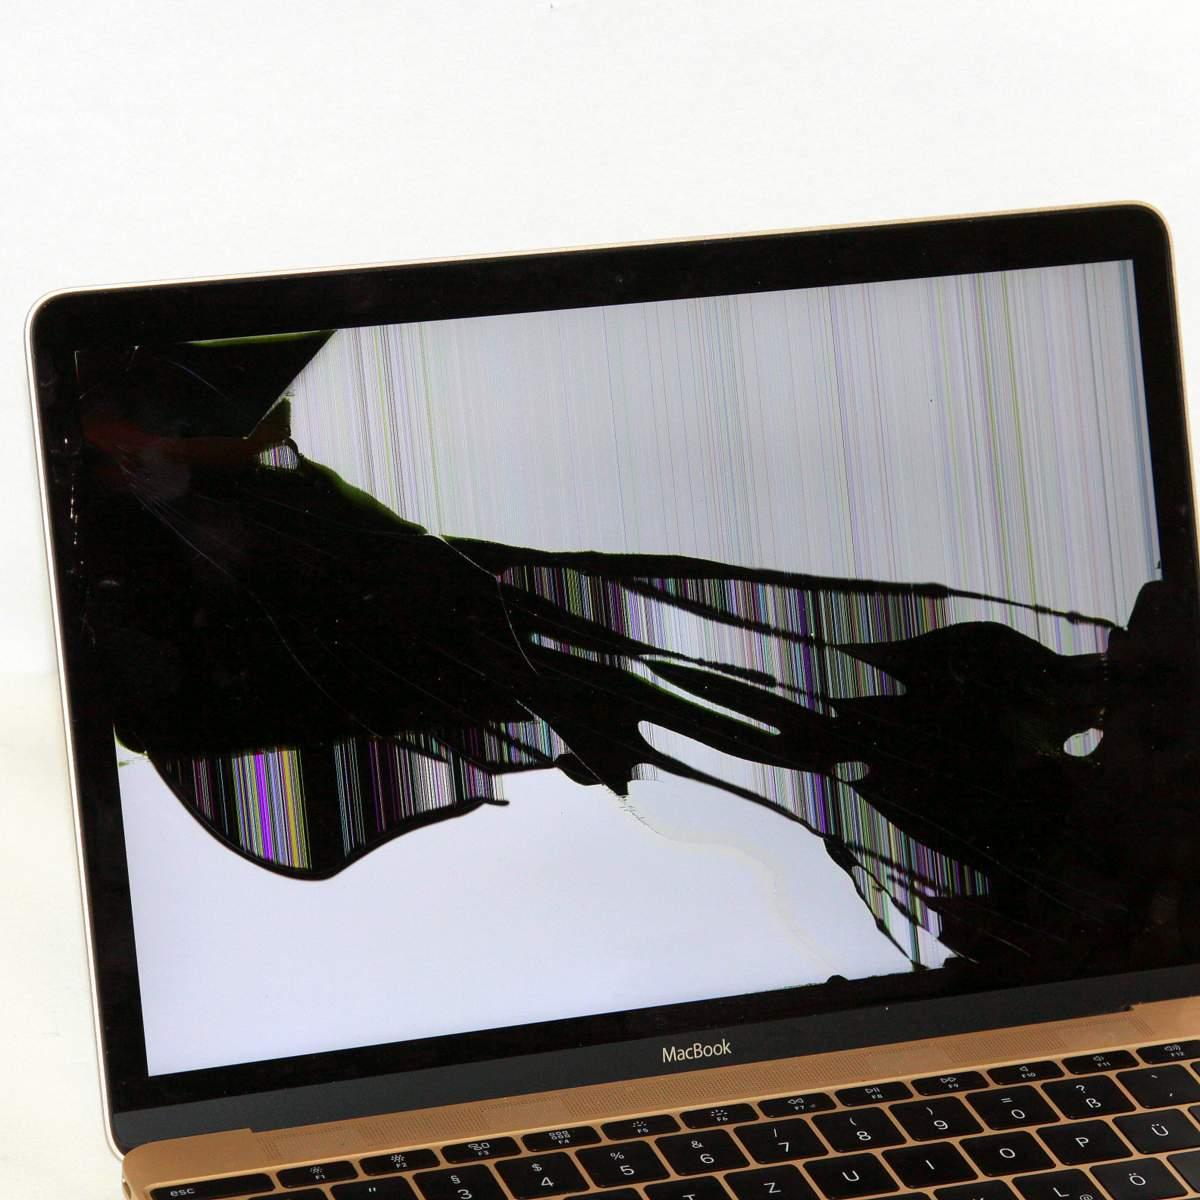 MacBook Displayschaden Reparatur